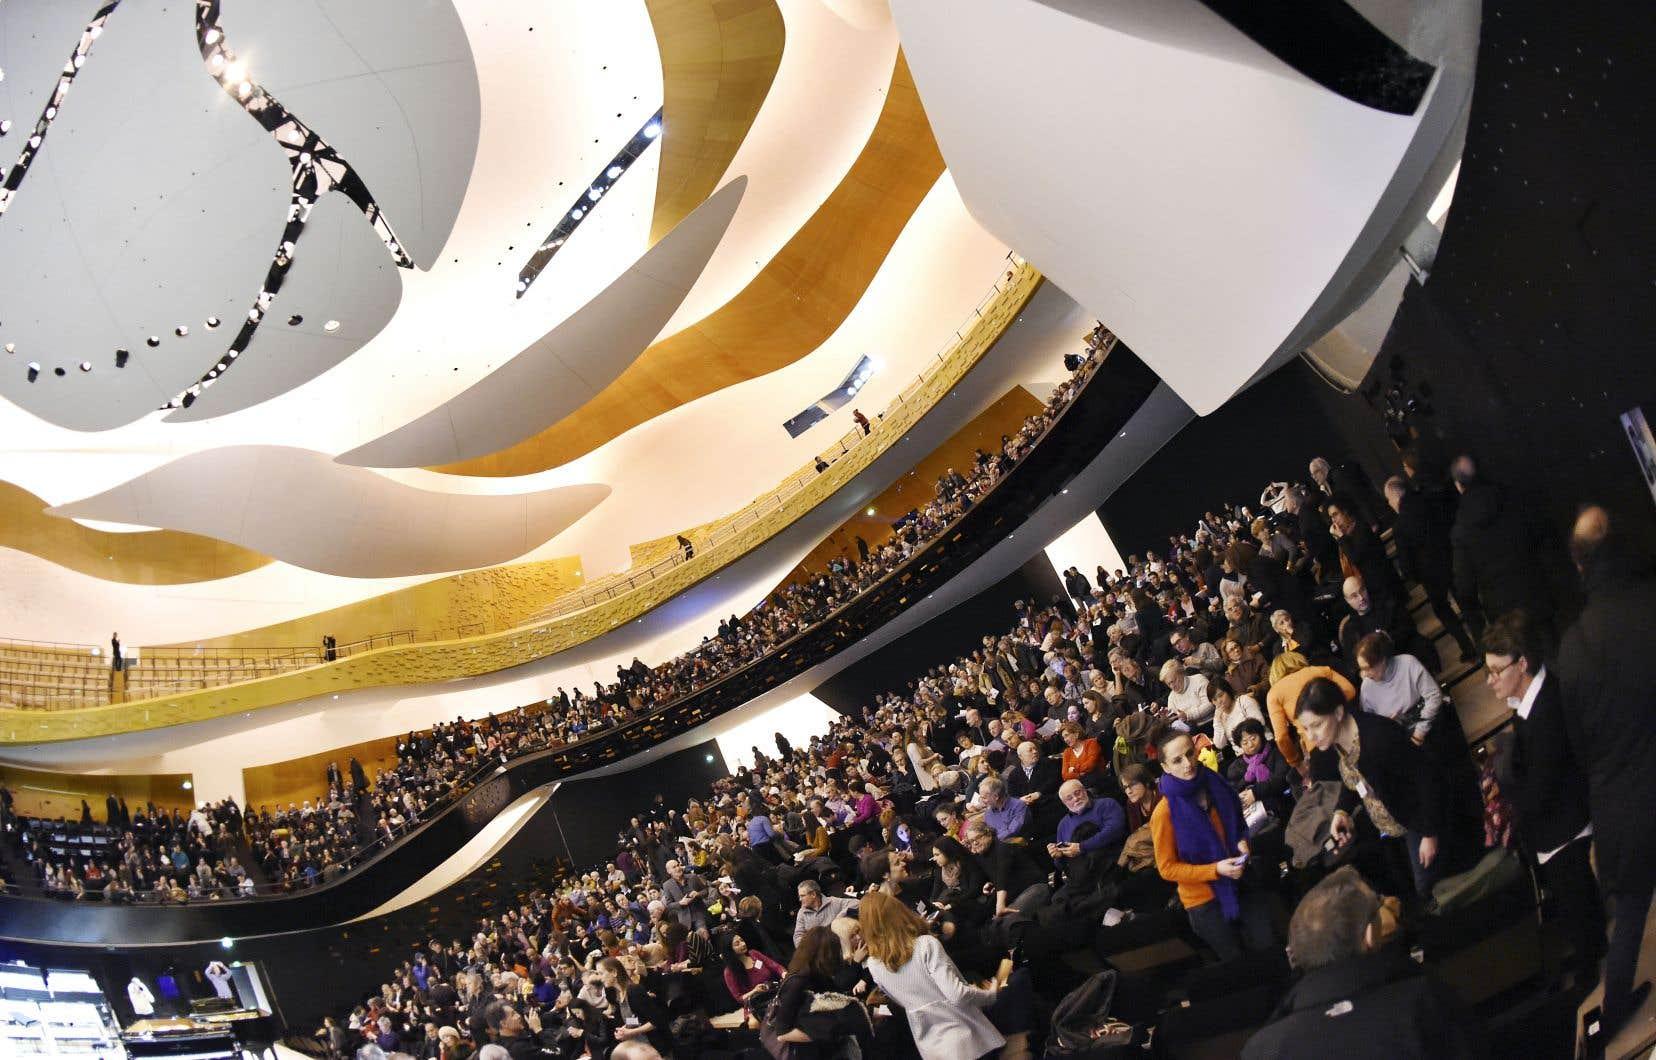 Une étude réalisée durant la saison 2016-2017 par la Philharmonie de Paris donne des pistes intéressantes pour renouveler ses publics.